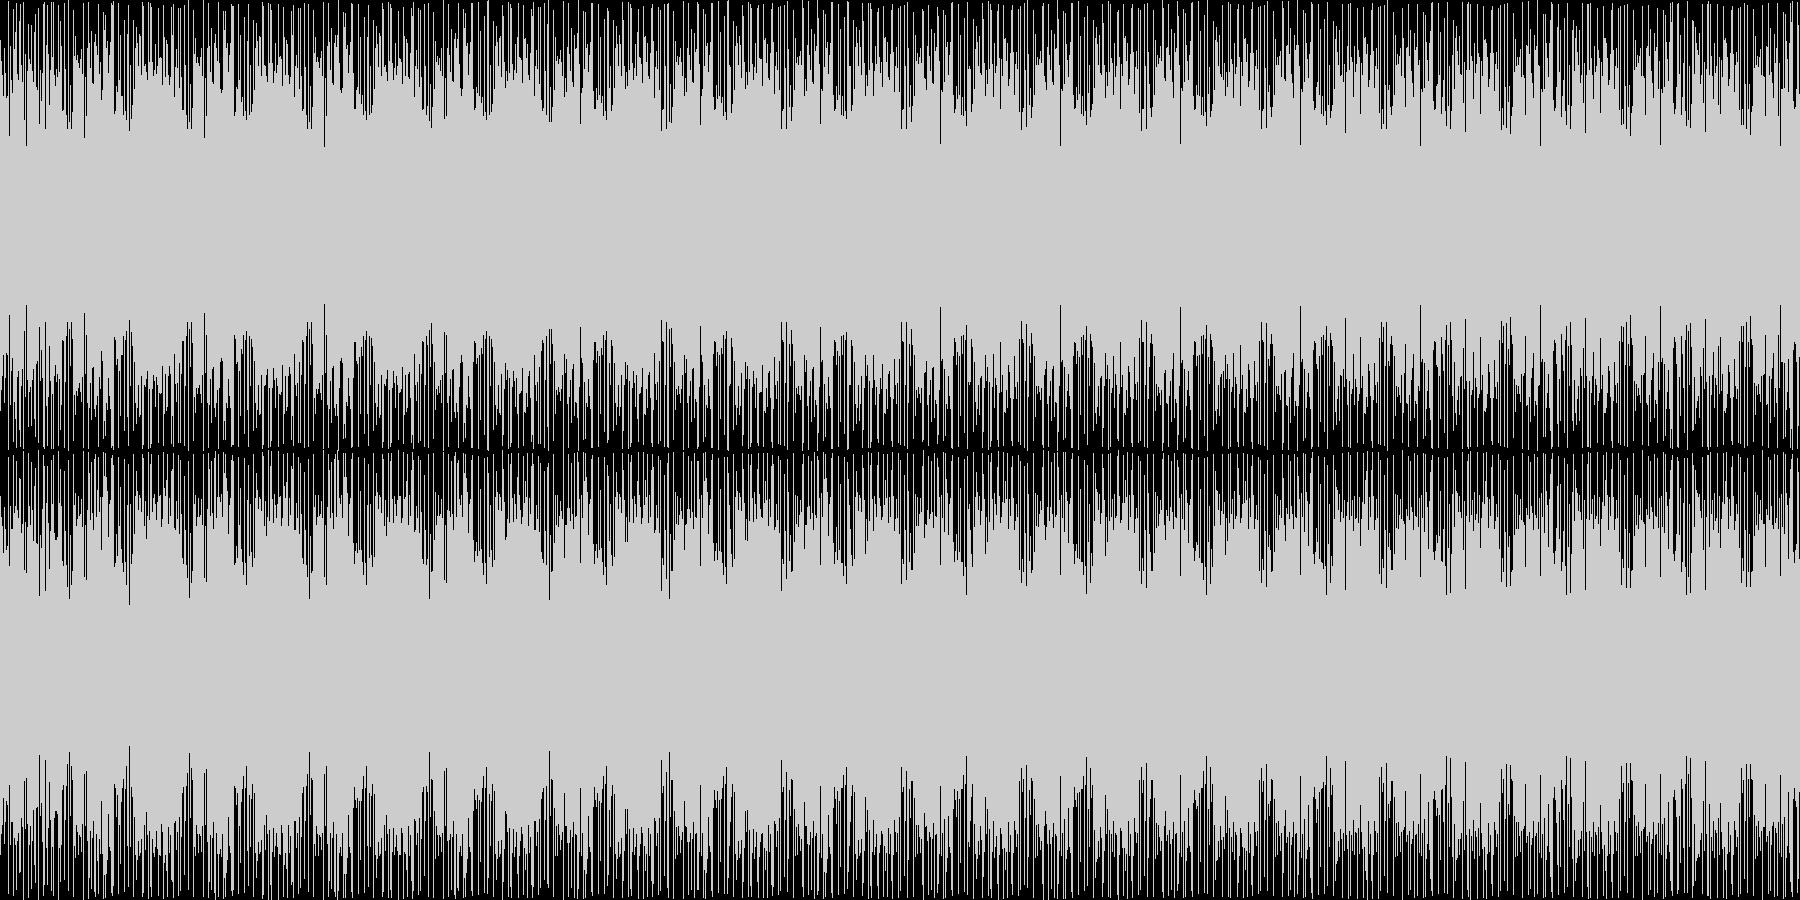 映像に合う近代的・神秘的なループBGMの未再生の波形